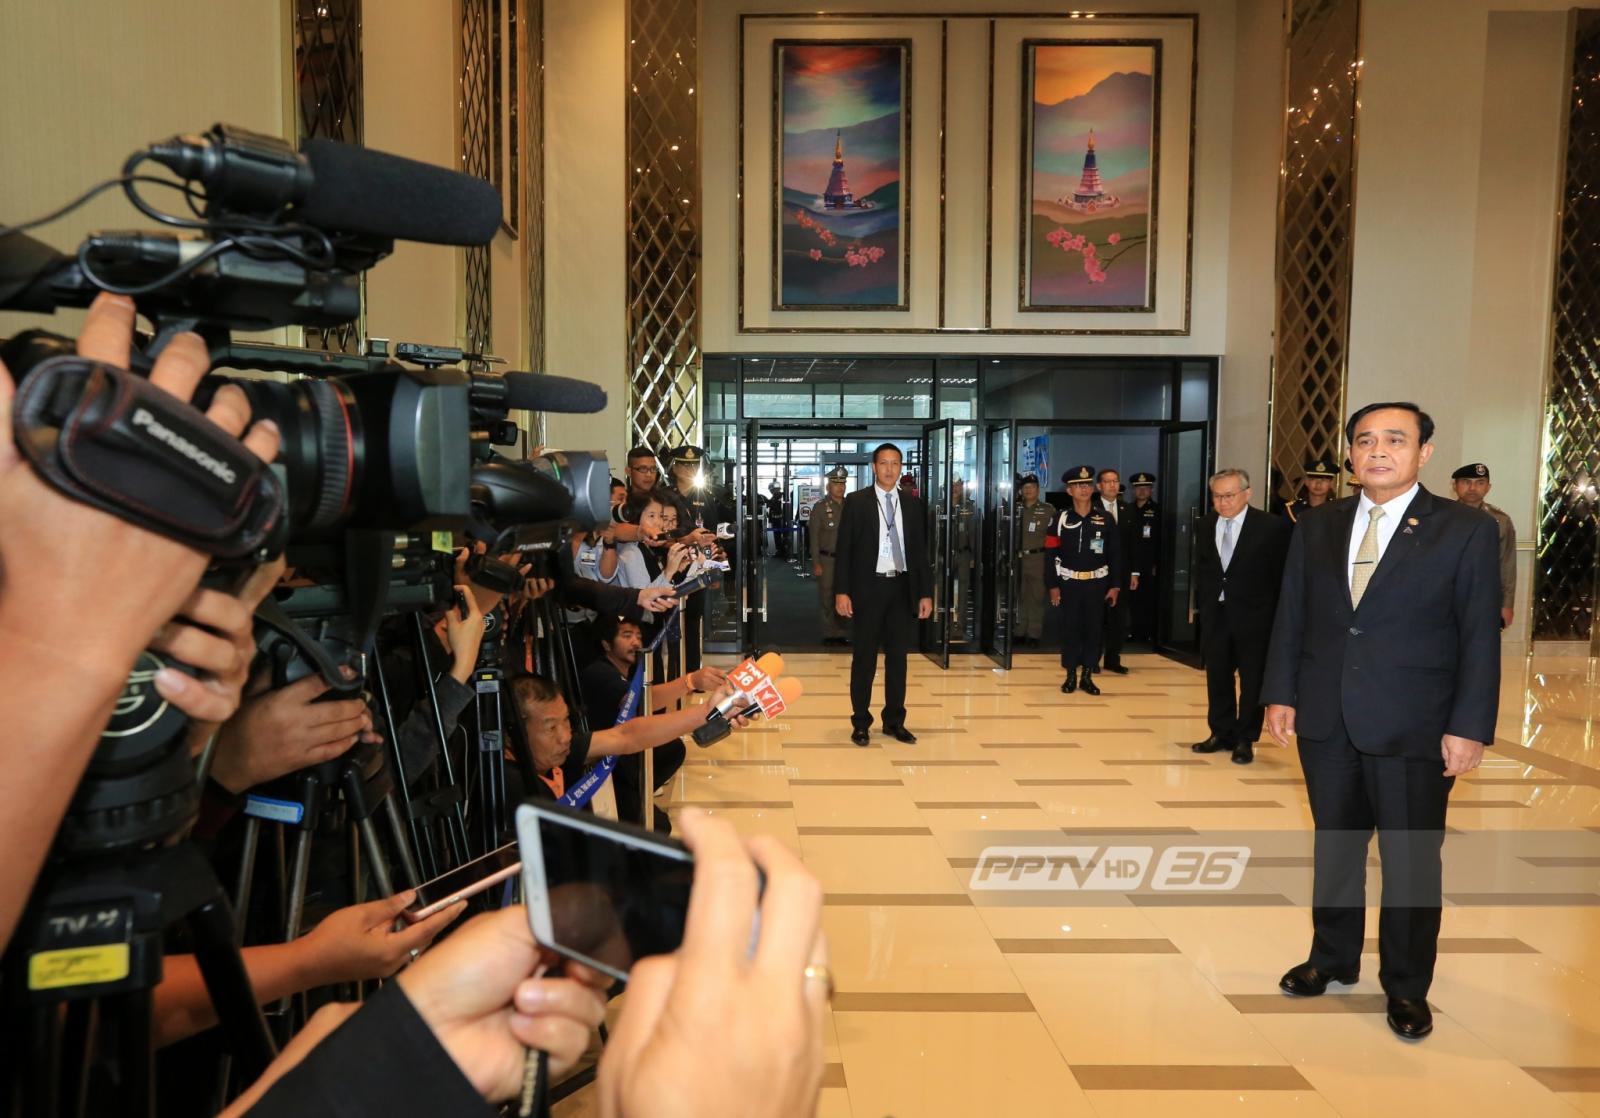 """""""บิ๊กตู่"""" ลั่นไม่มีใครอยากทำรัฐประหาร ยันผู้นำต่างชาติเข้าใจการเมืองไทย"""